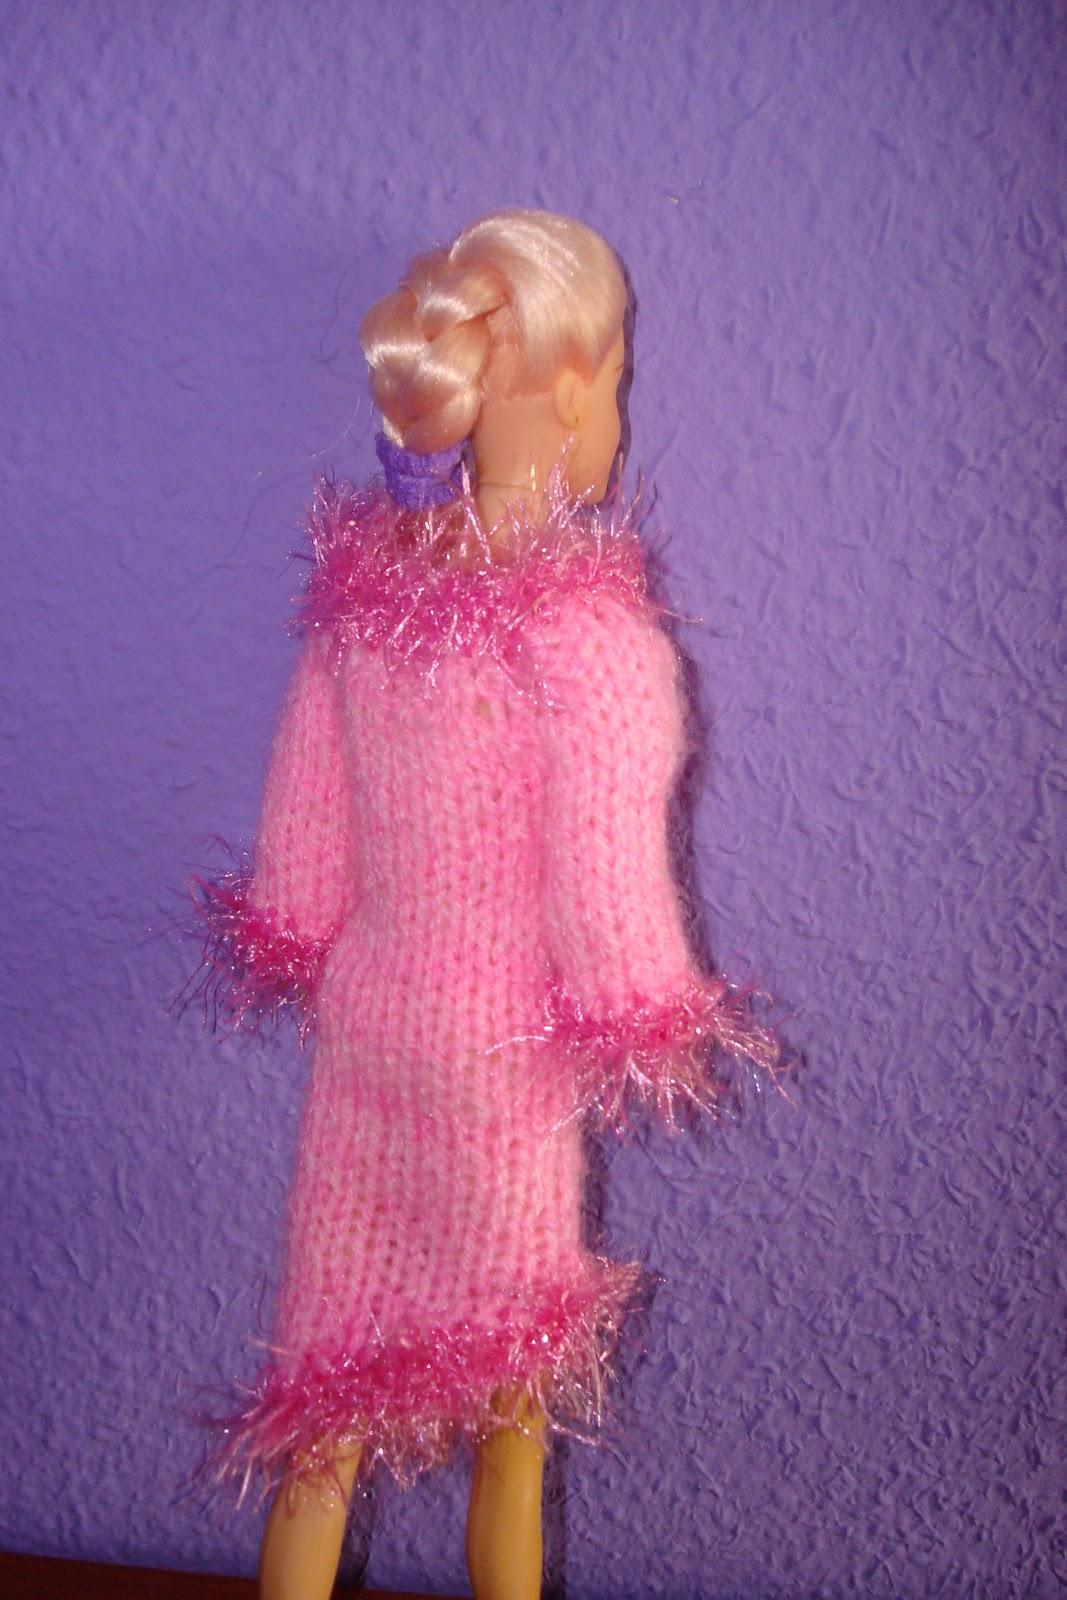 http://3.bp.blogspot.com/_mk65hKB6XyQ/TSffonVjIII/AAAAAAAAAEE/YdZ9JIk-pg0/s1600/Barbie+006.JPG